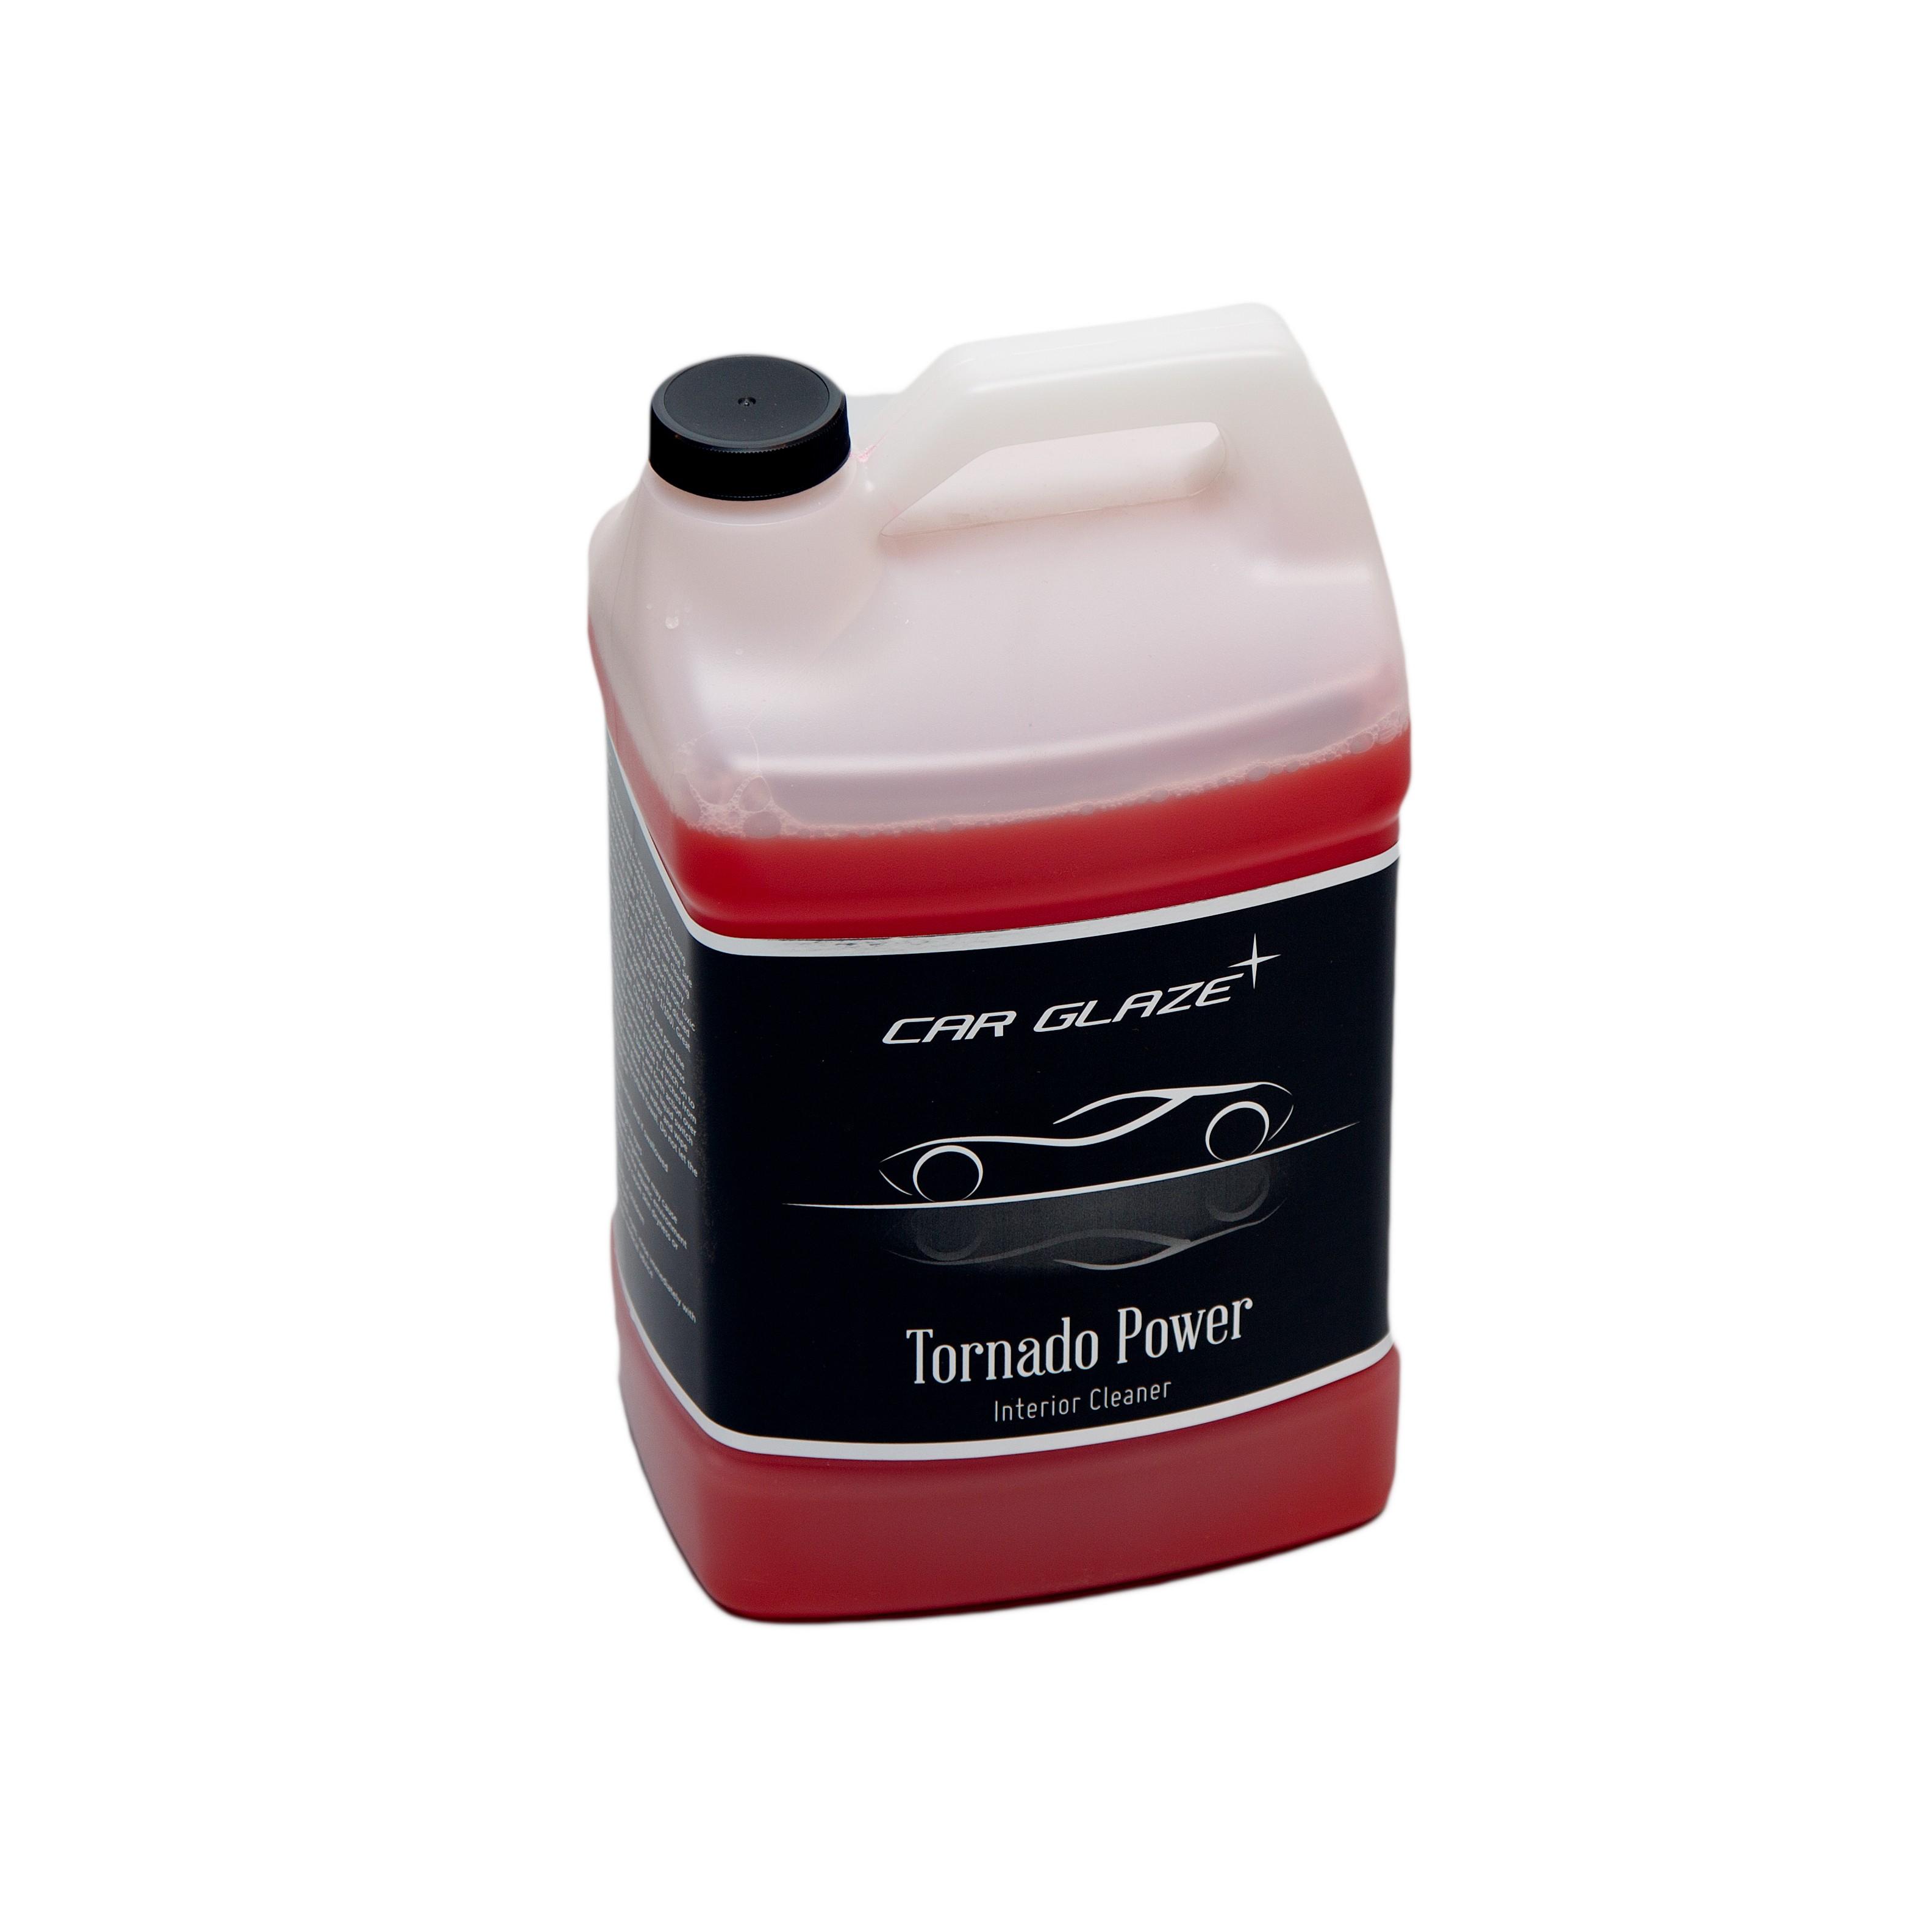 TORNADO POWER  - Car Glaze -  Tornadori spetsiaalvedelik salongipindade puhastamiseks - auto keemiline puhastus